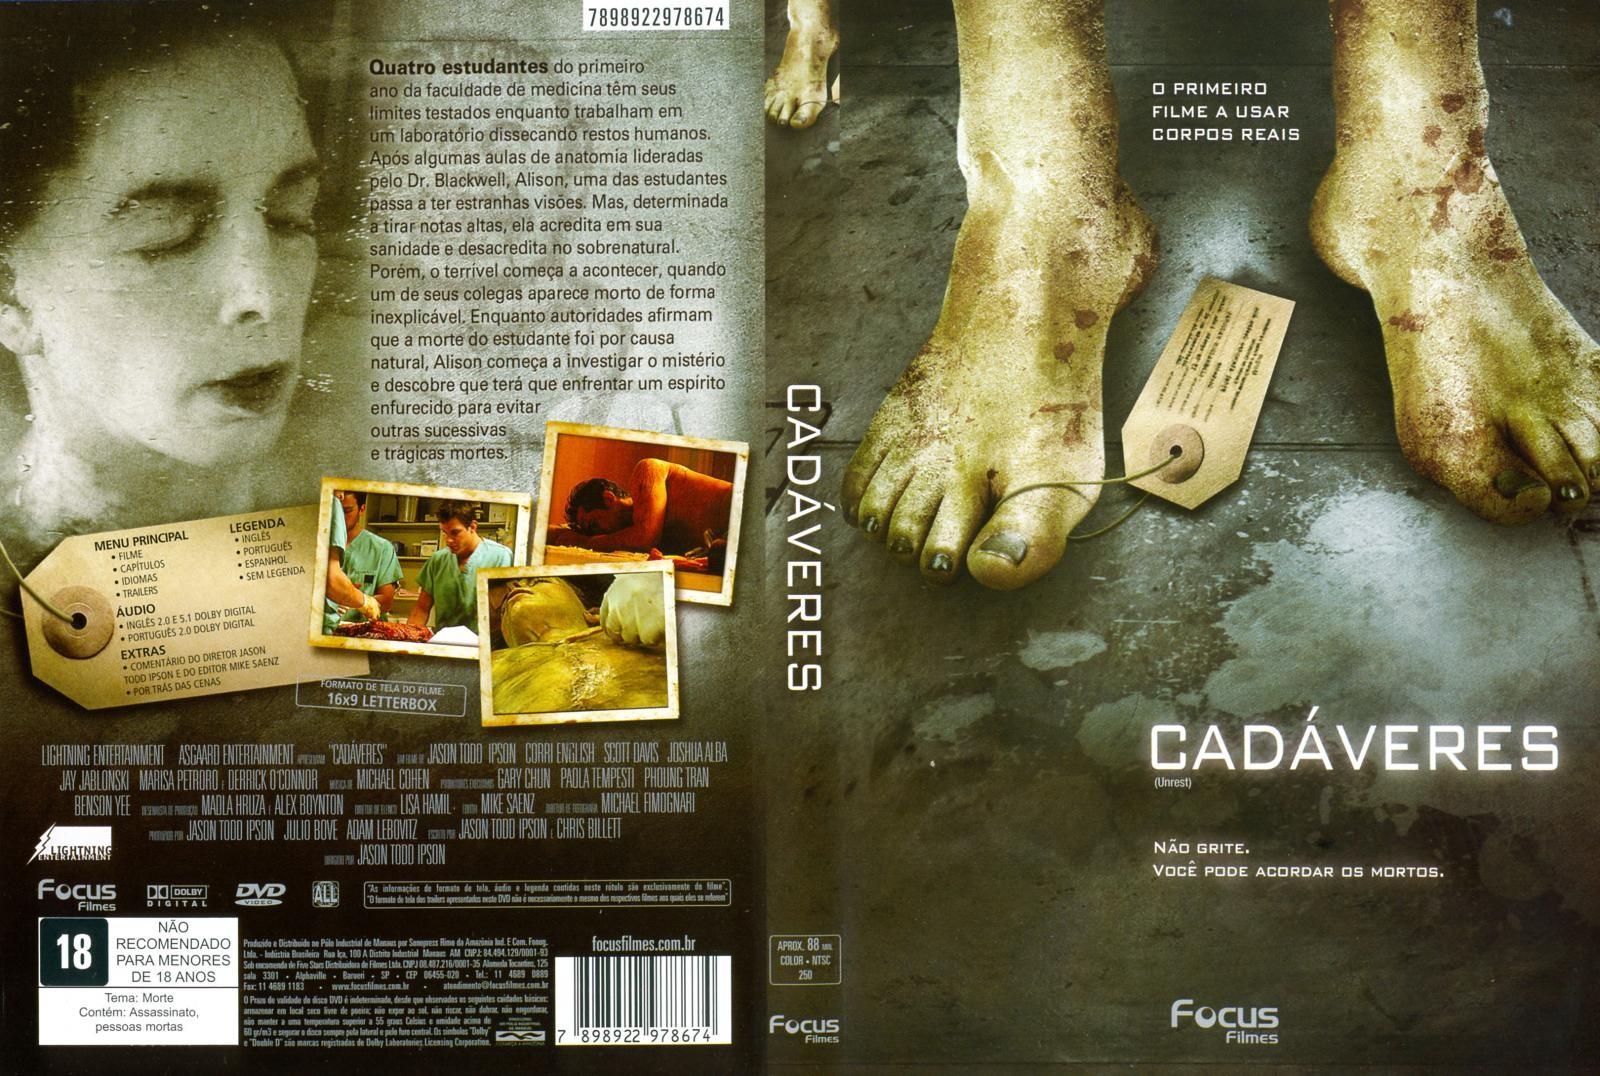 Cadaveres DVD Capa